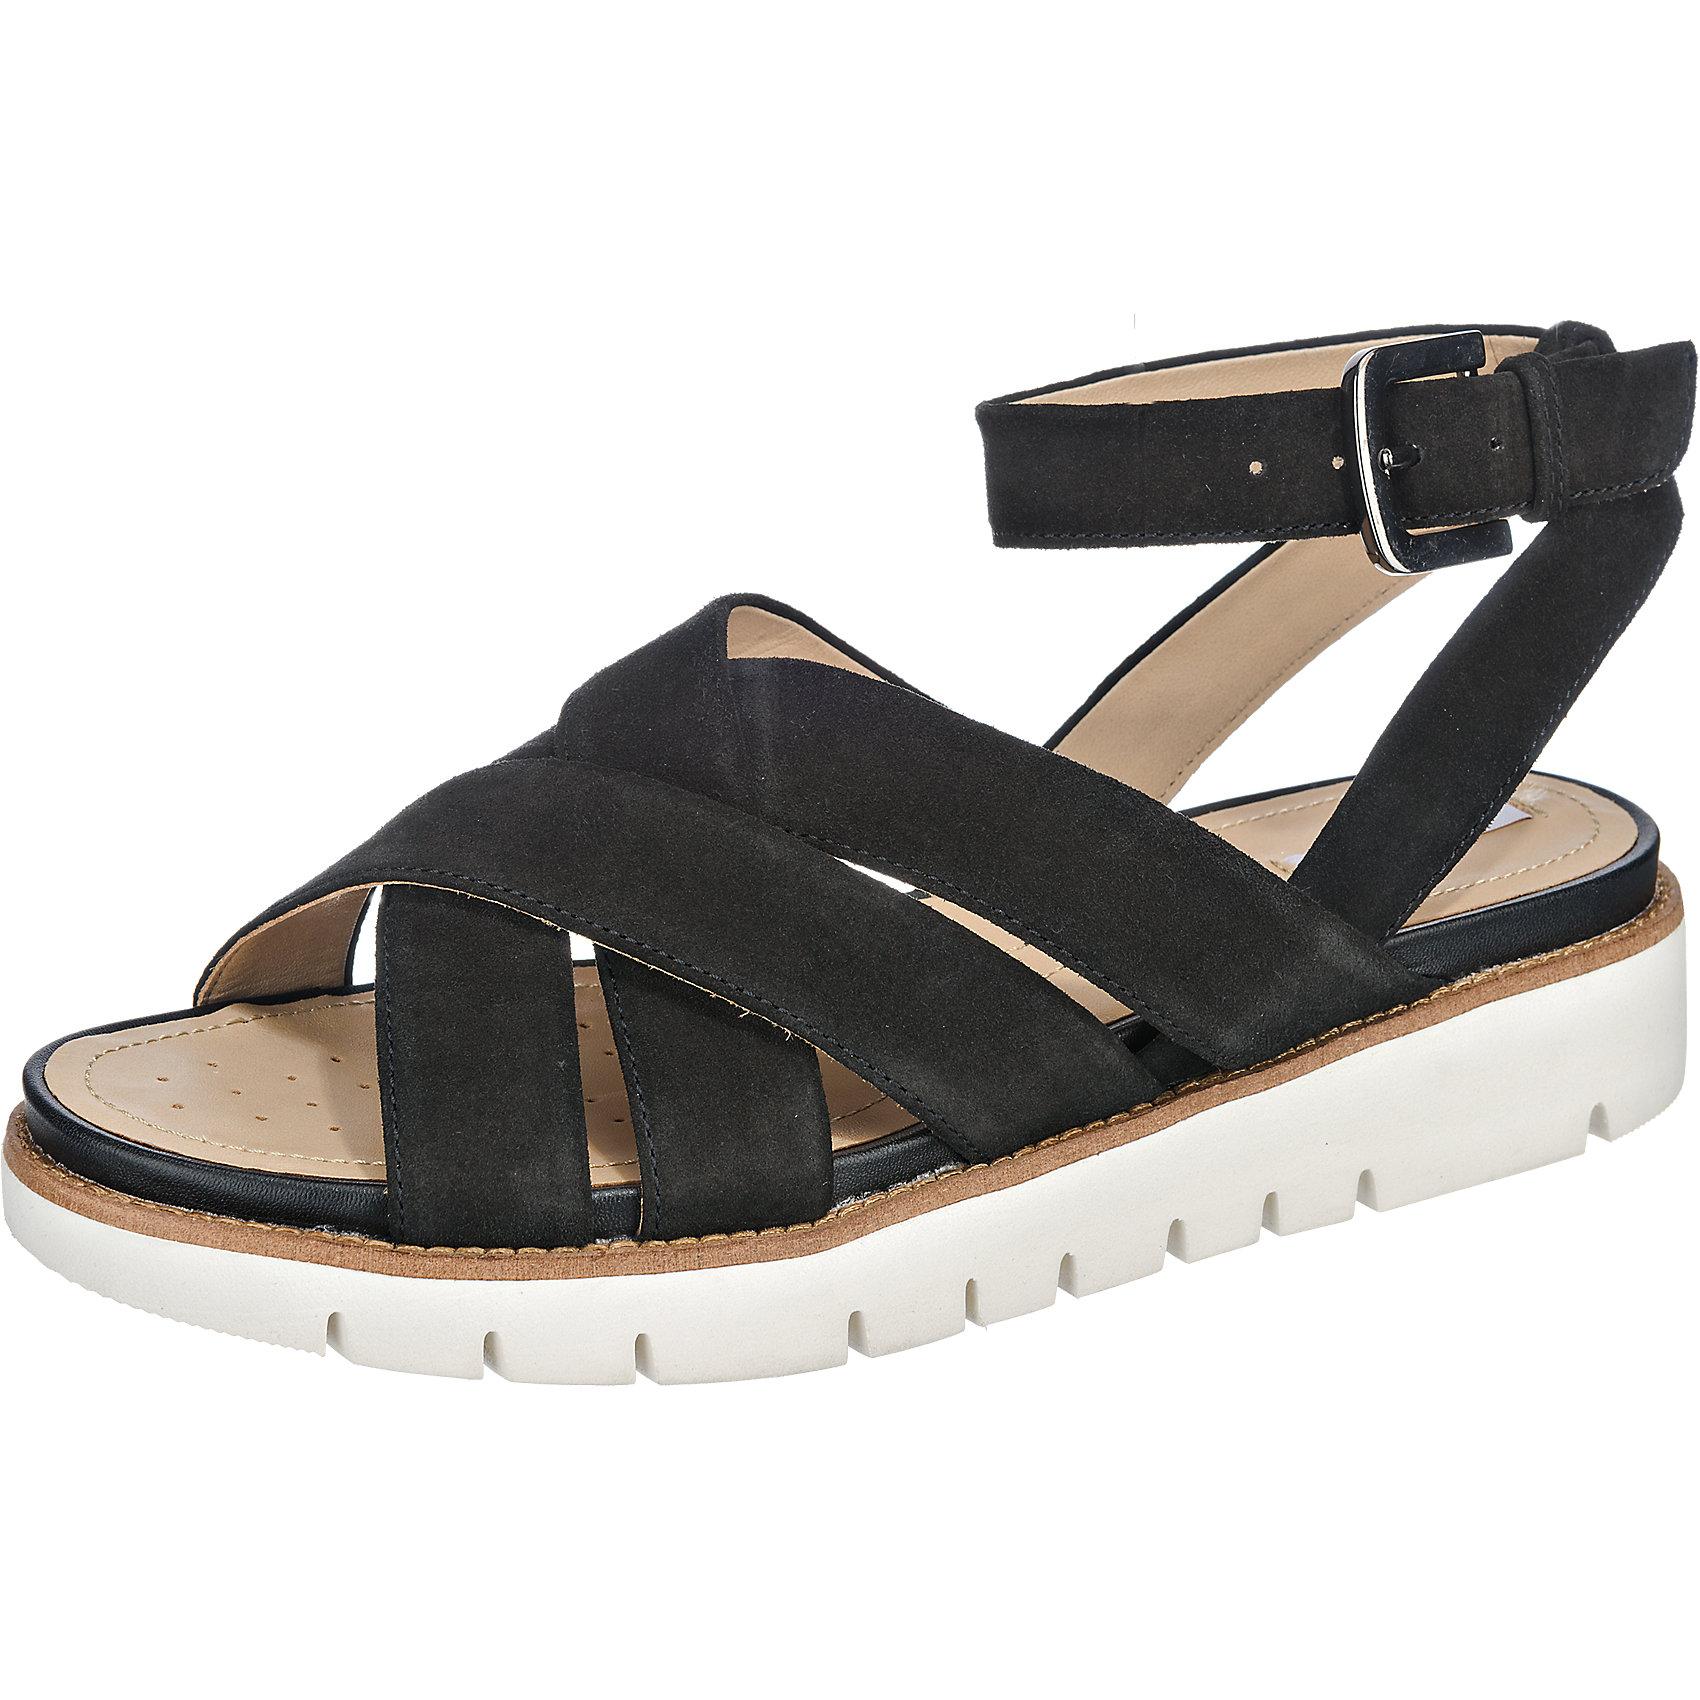 Details zu Neu GEOX Darline Sandaletten 5772945 für Damen schwarz